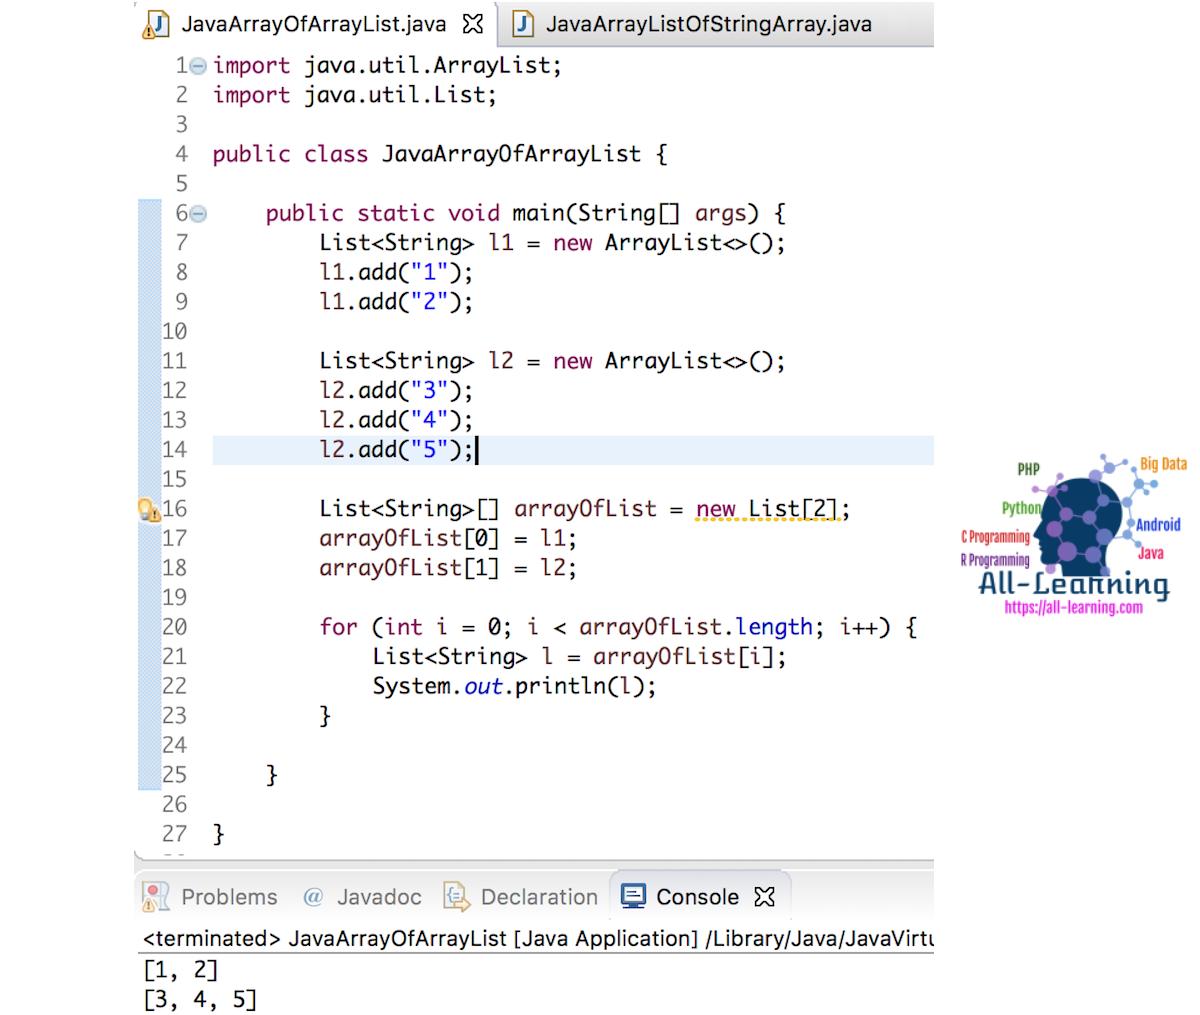 java-array-of-arraylist